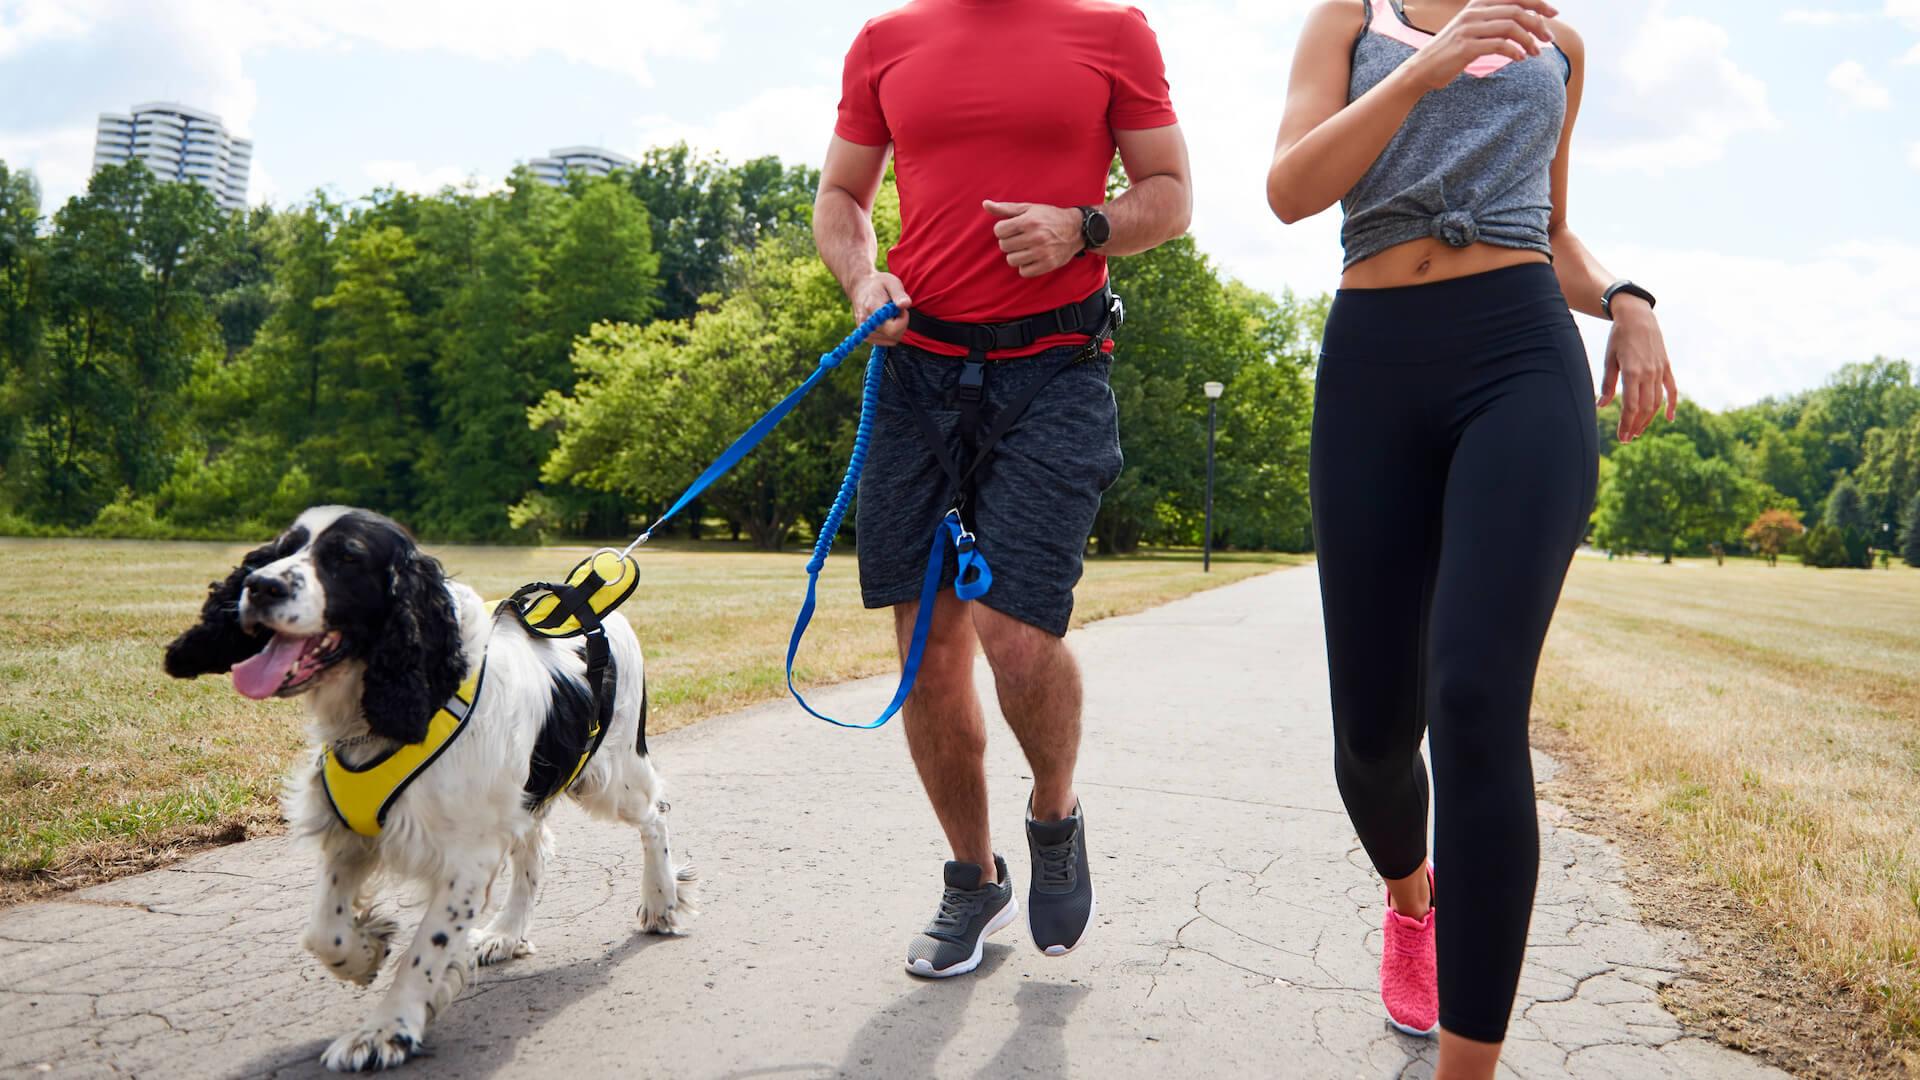 Corsa con cane